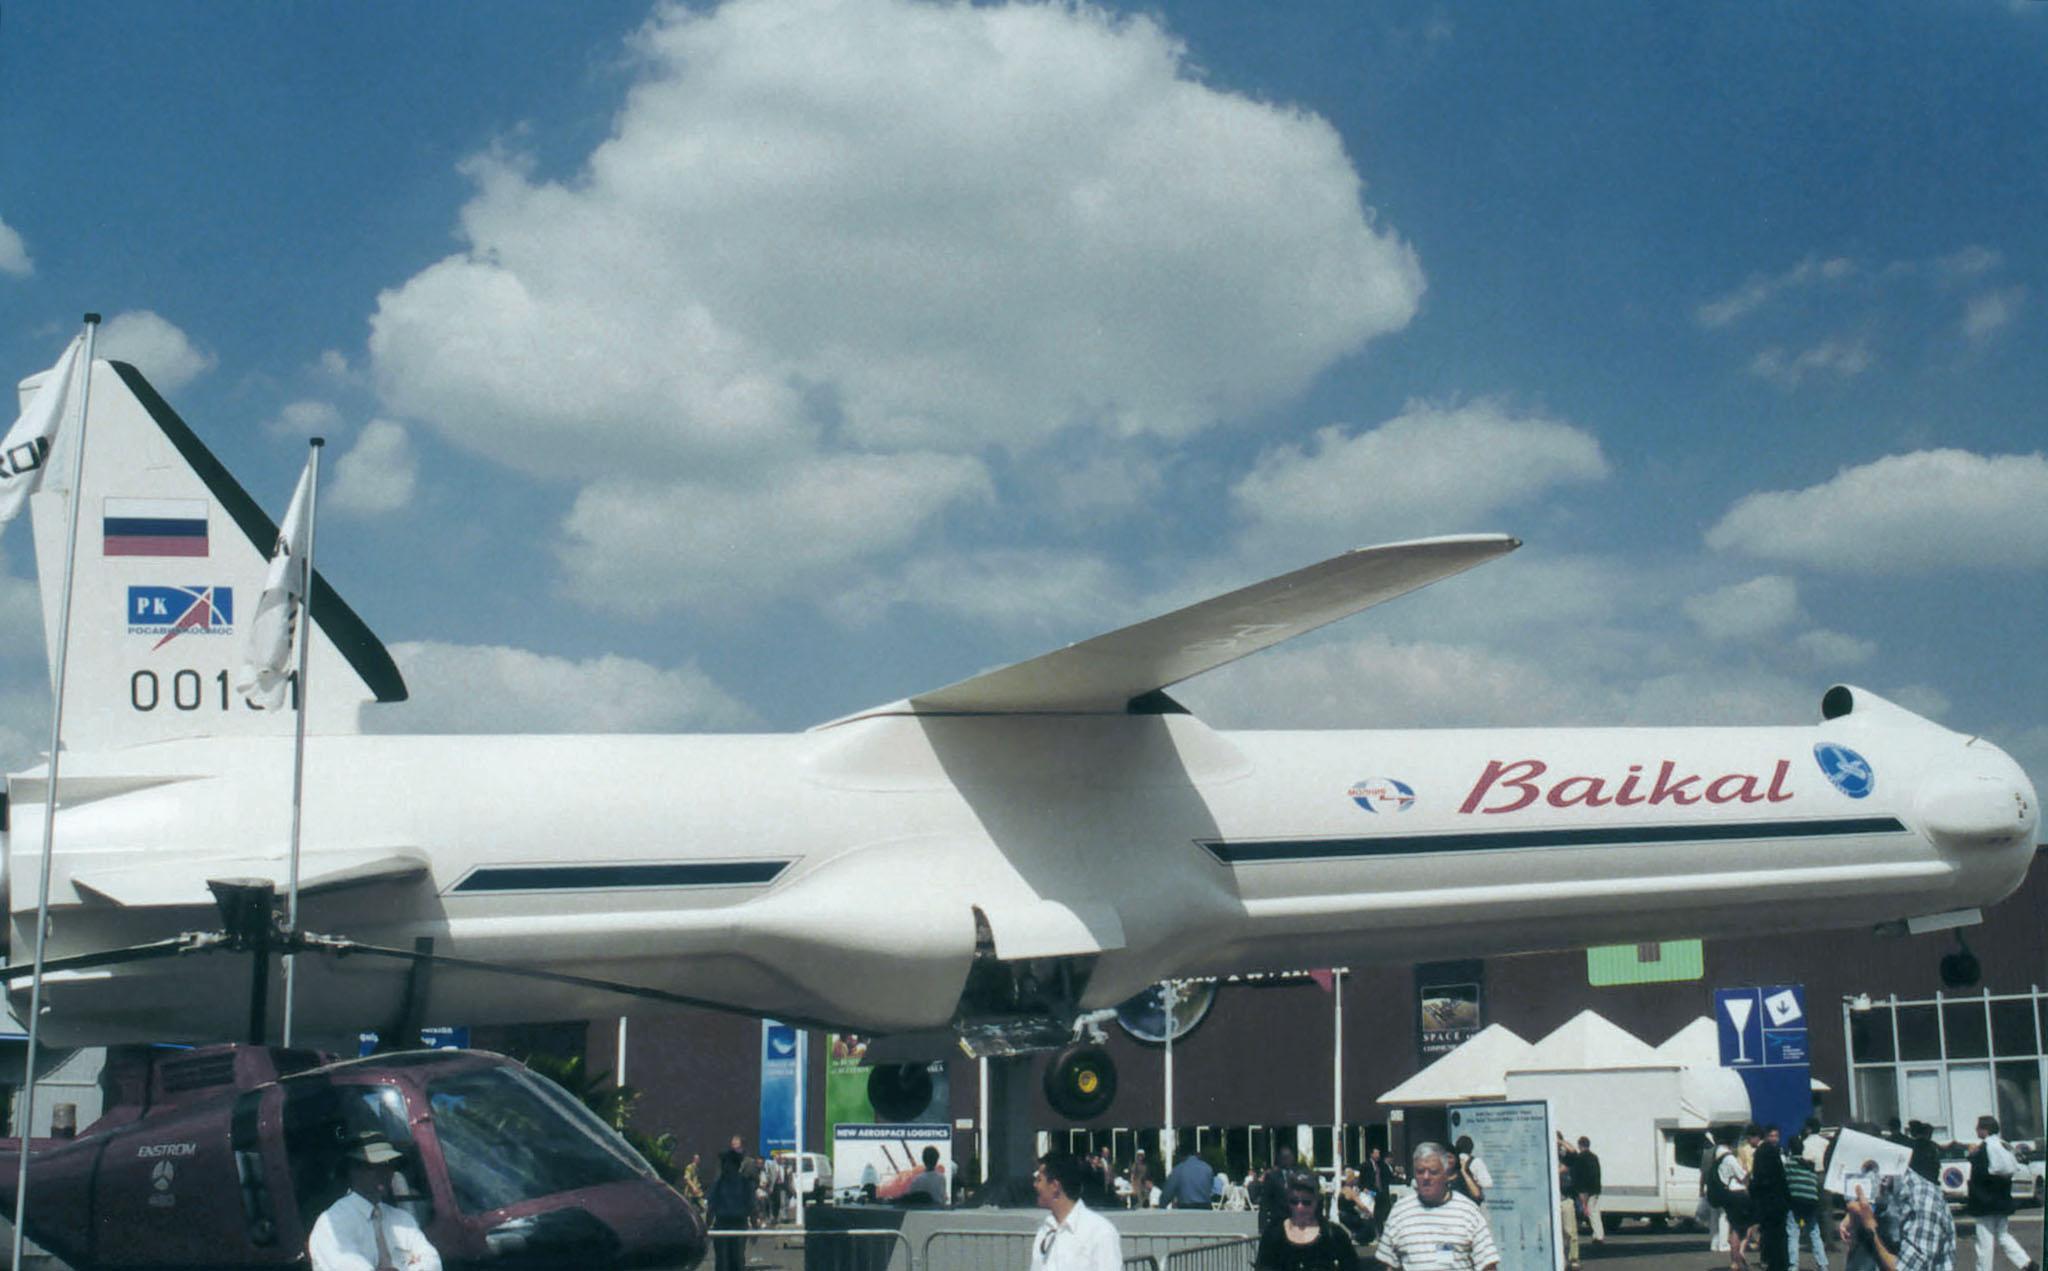 """Макет многоразового ракетного ускорителя """"Байкал"""" на выставке во Франции, 2001 год. Фото © ТАСС / Александр Кондрашов"""